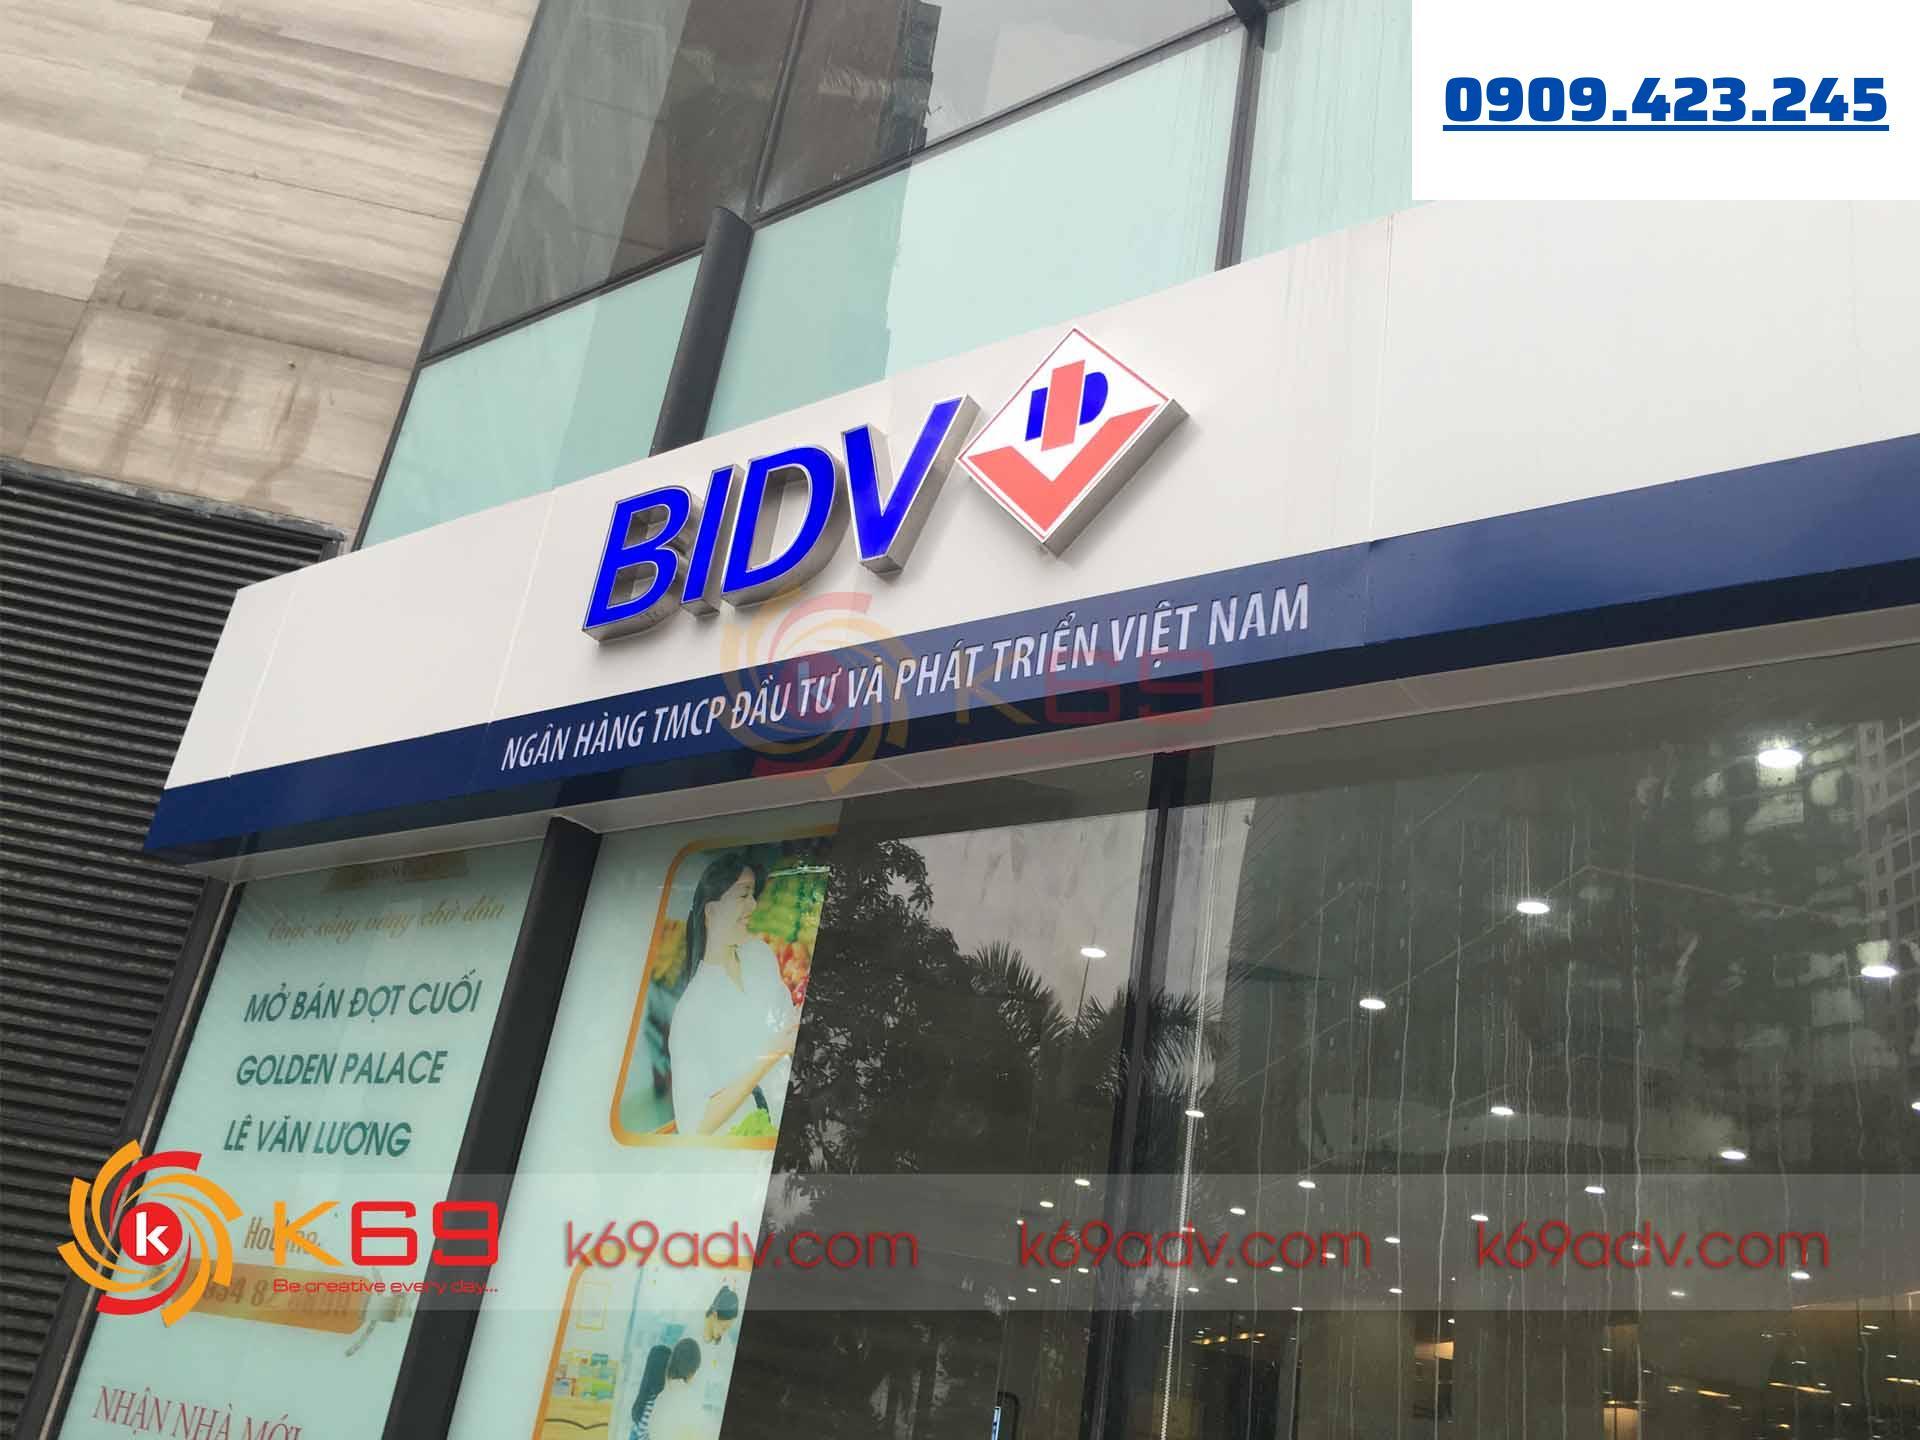 thi công bảng hiệu tại quận Tân Phú bằng chất liệu Alu